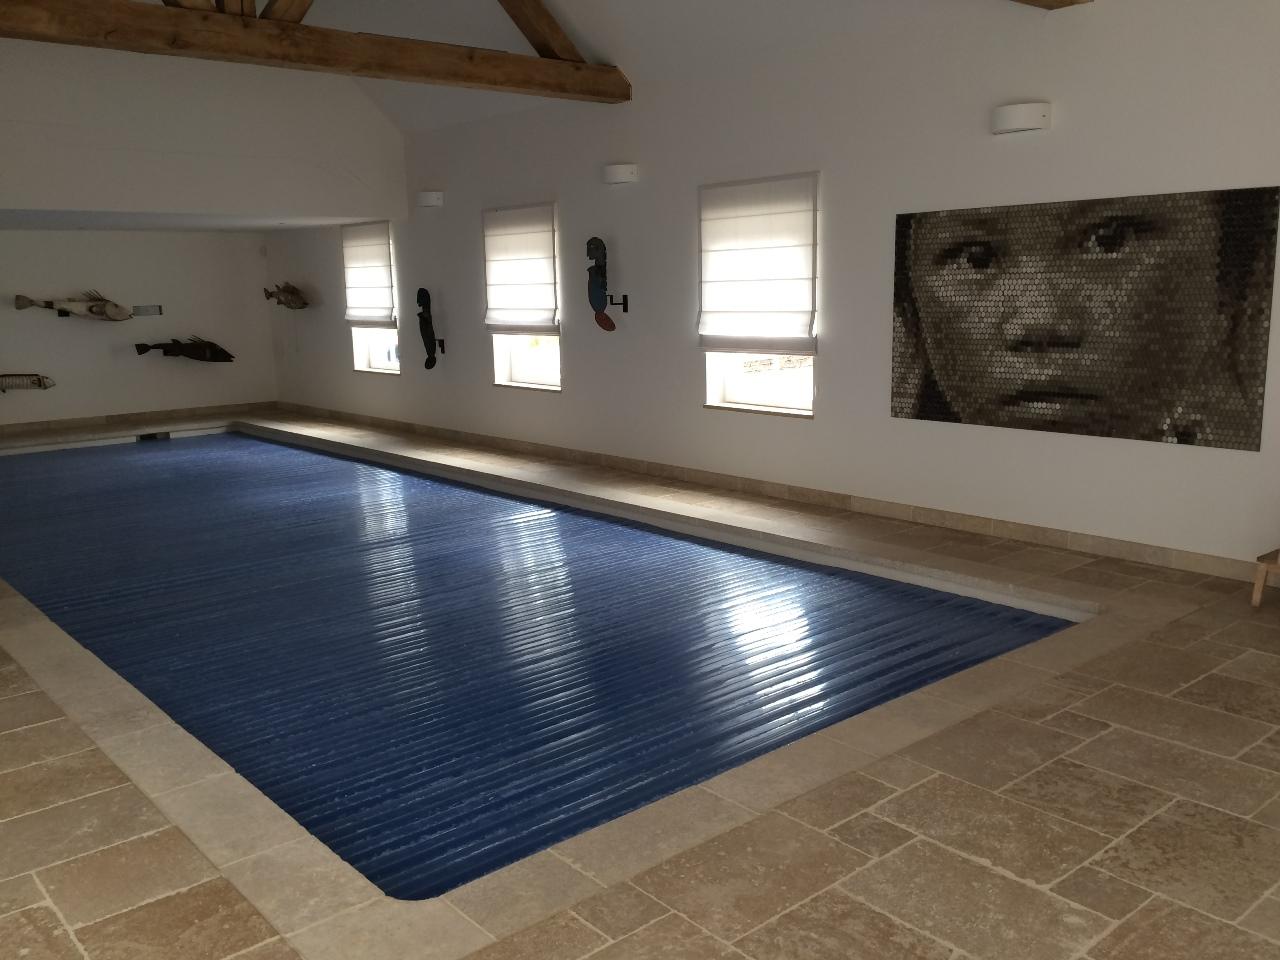 Rev tement en pierre naturelle paveca paveca - Revetement piscine pierre naturelle ...